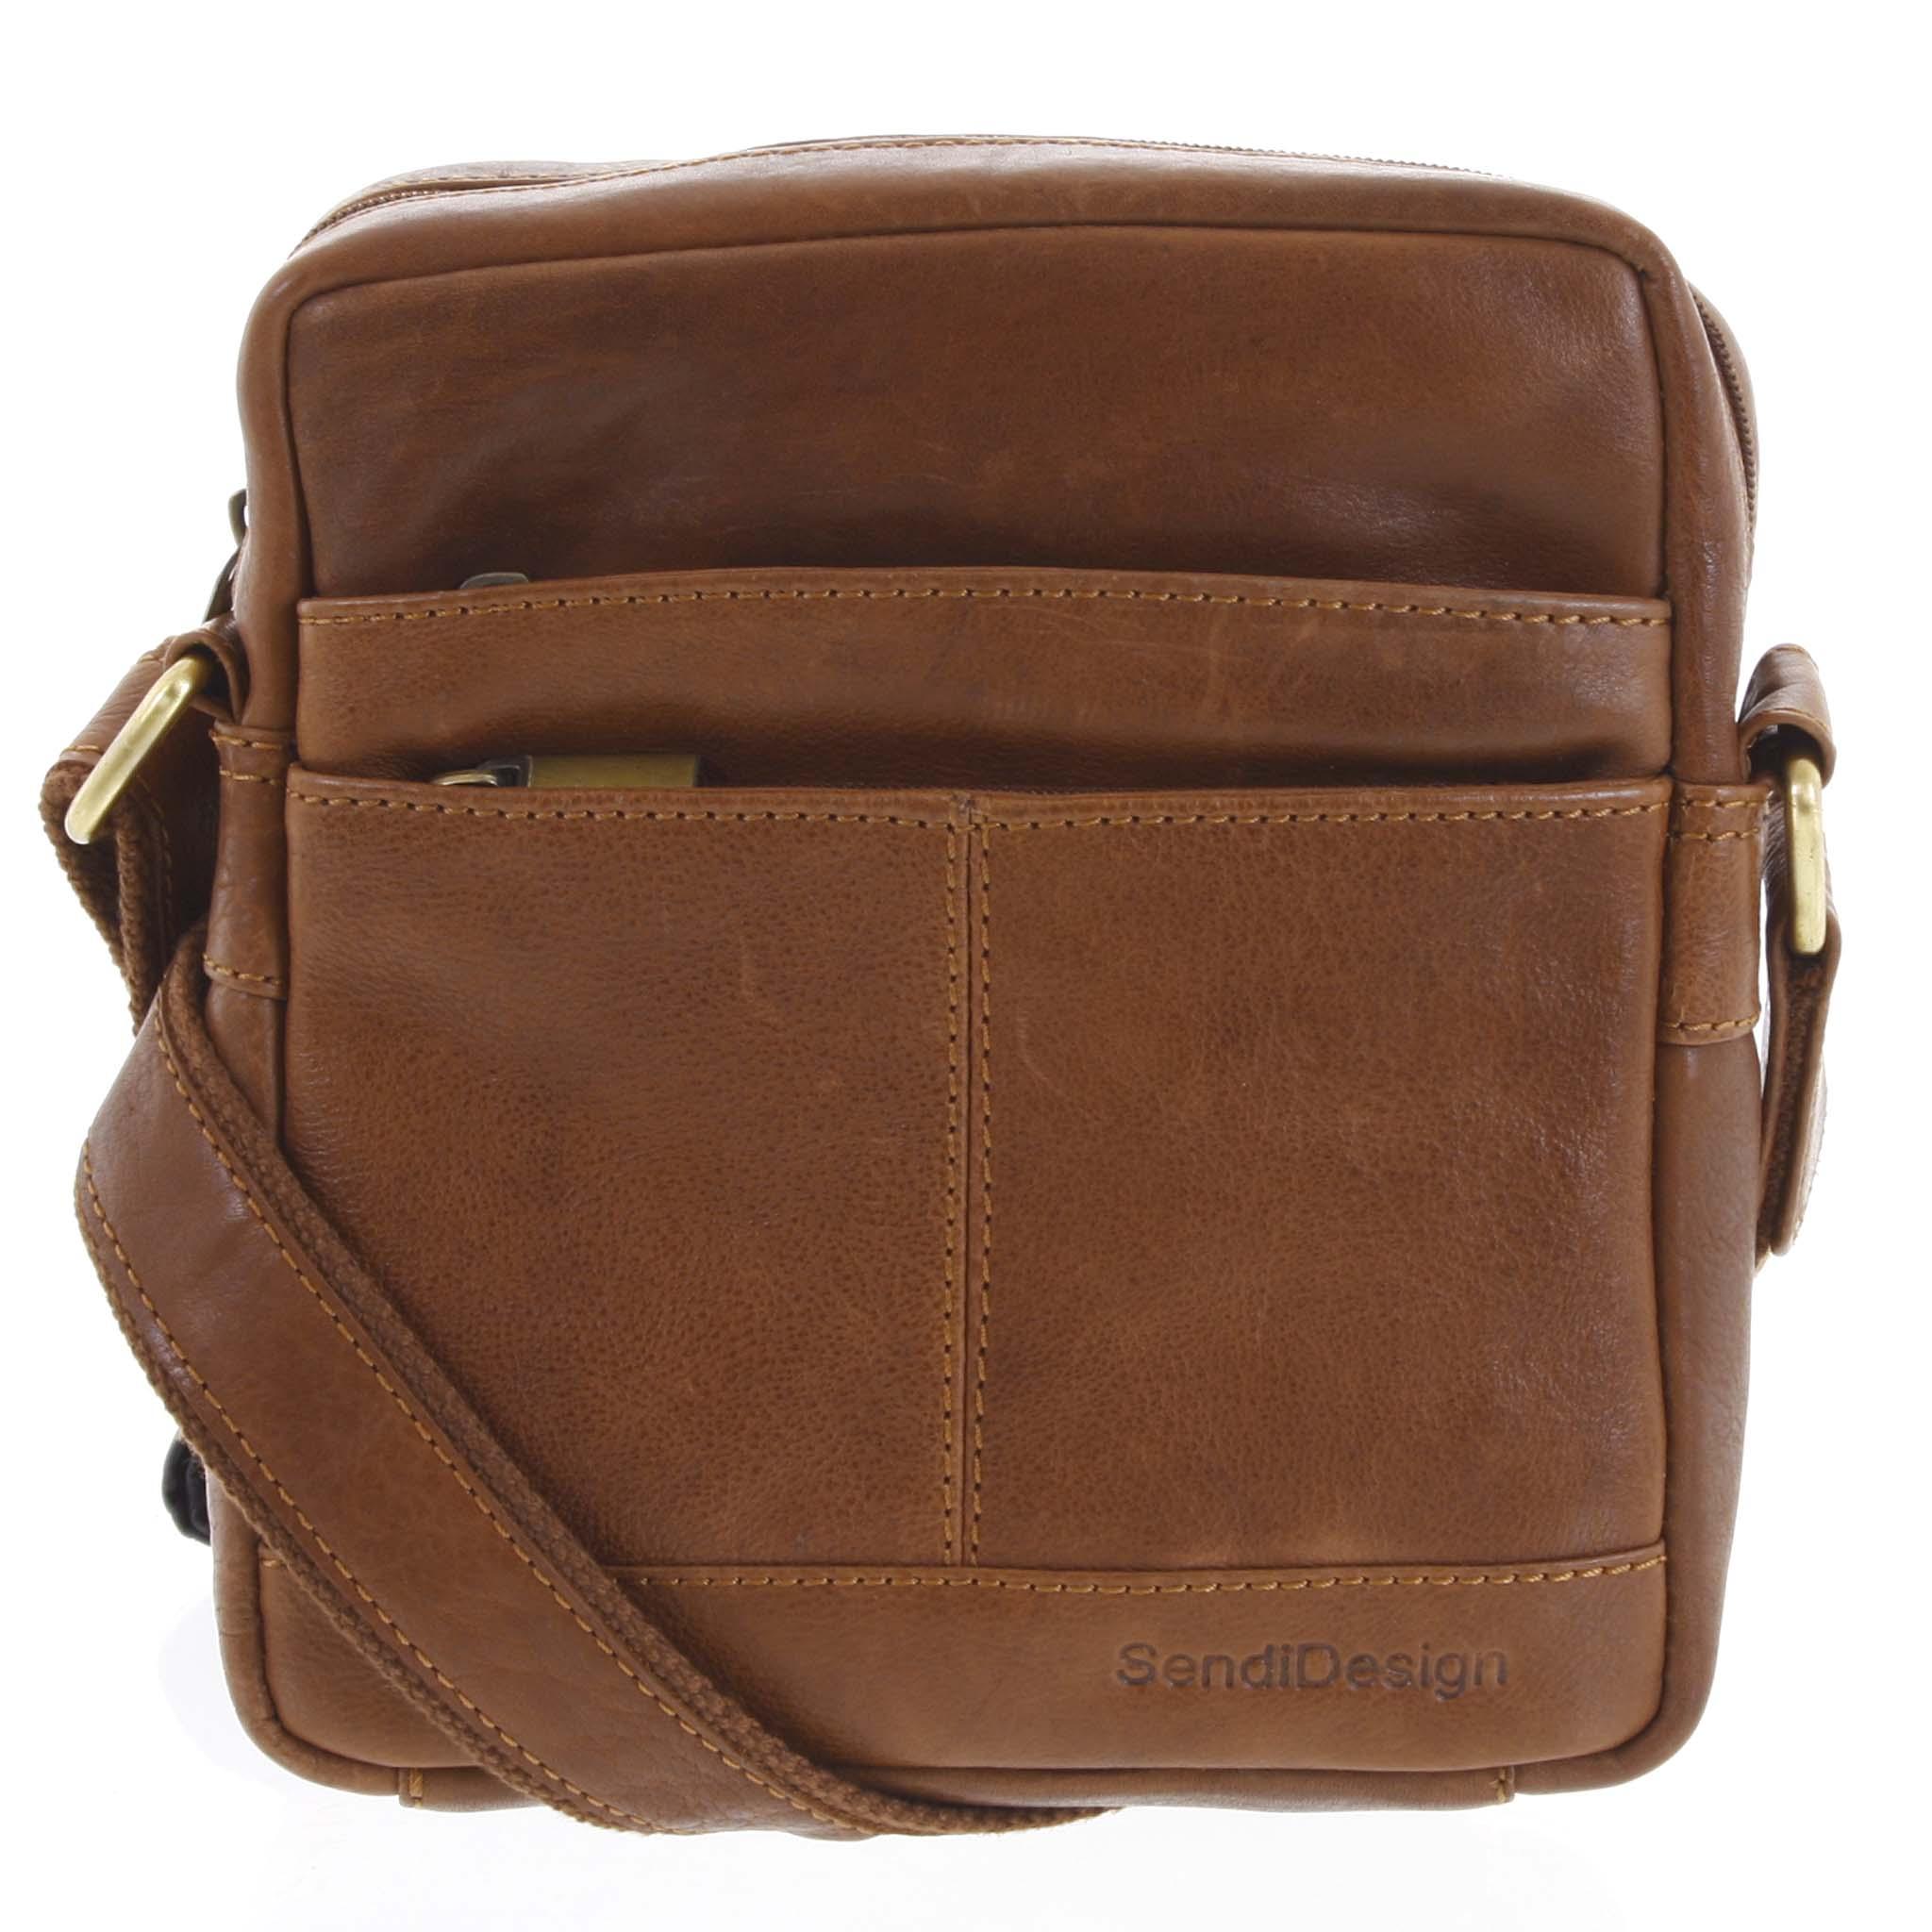 Pánska kožená taška hnedá - SendiDesign Shaper